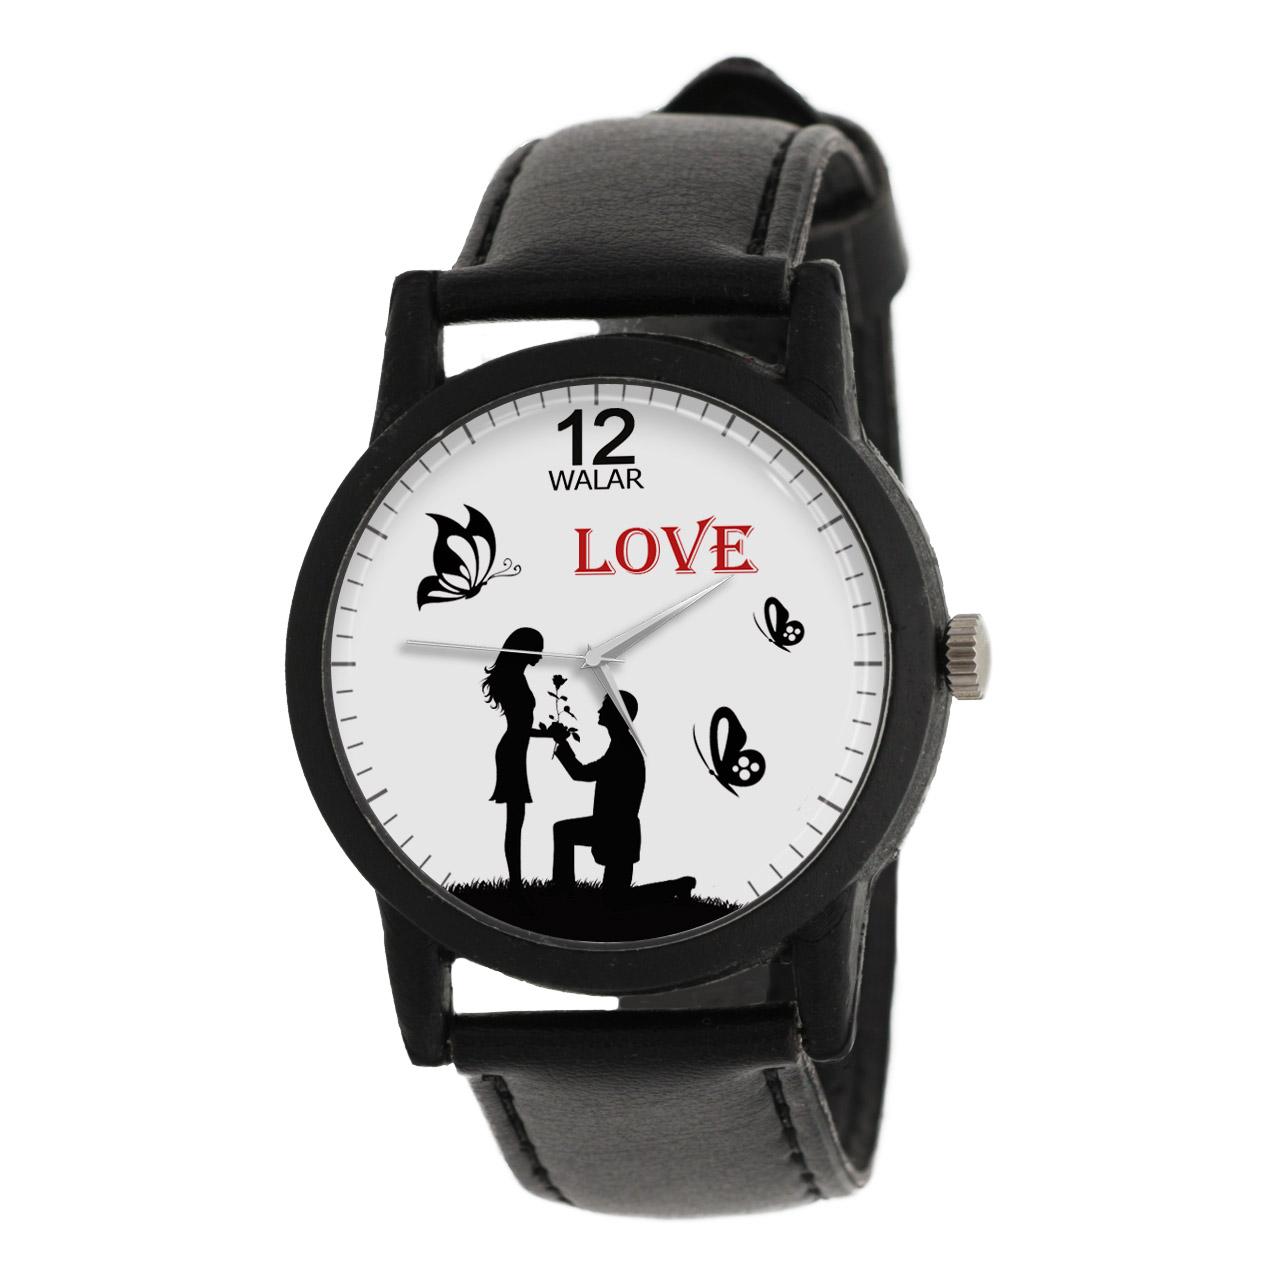 ساعت مچی عقربه ای زنانه والار مدل LF1301 34